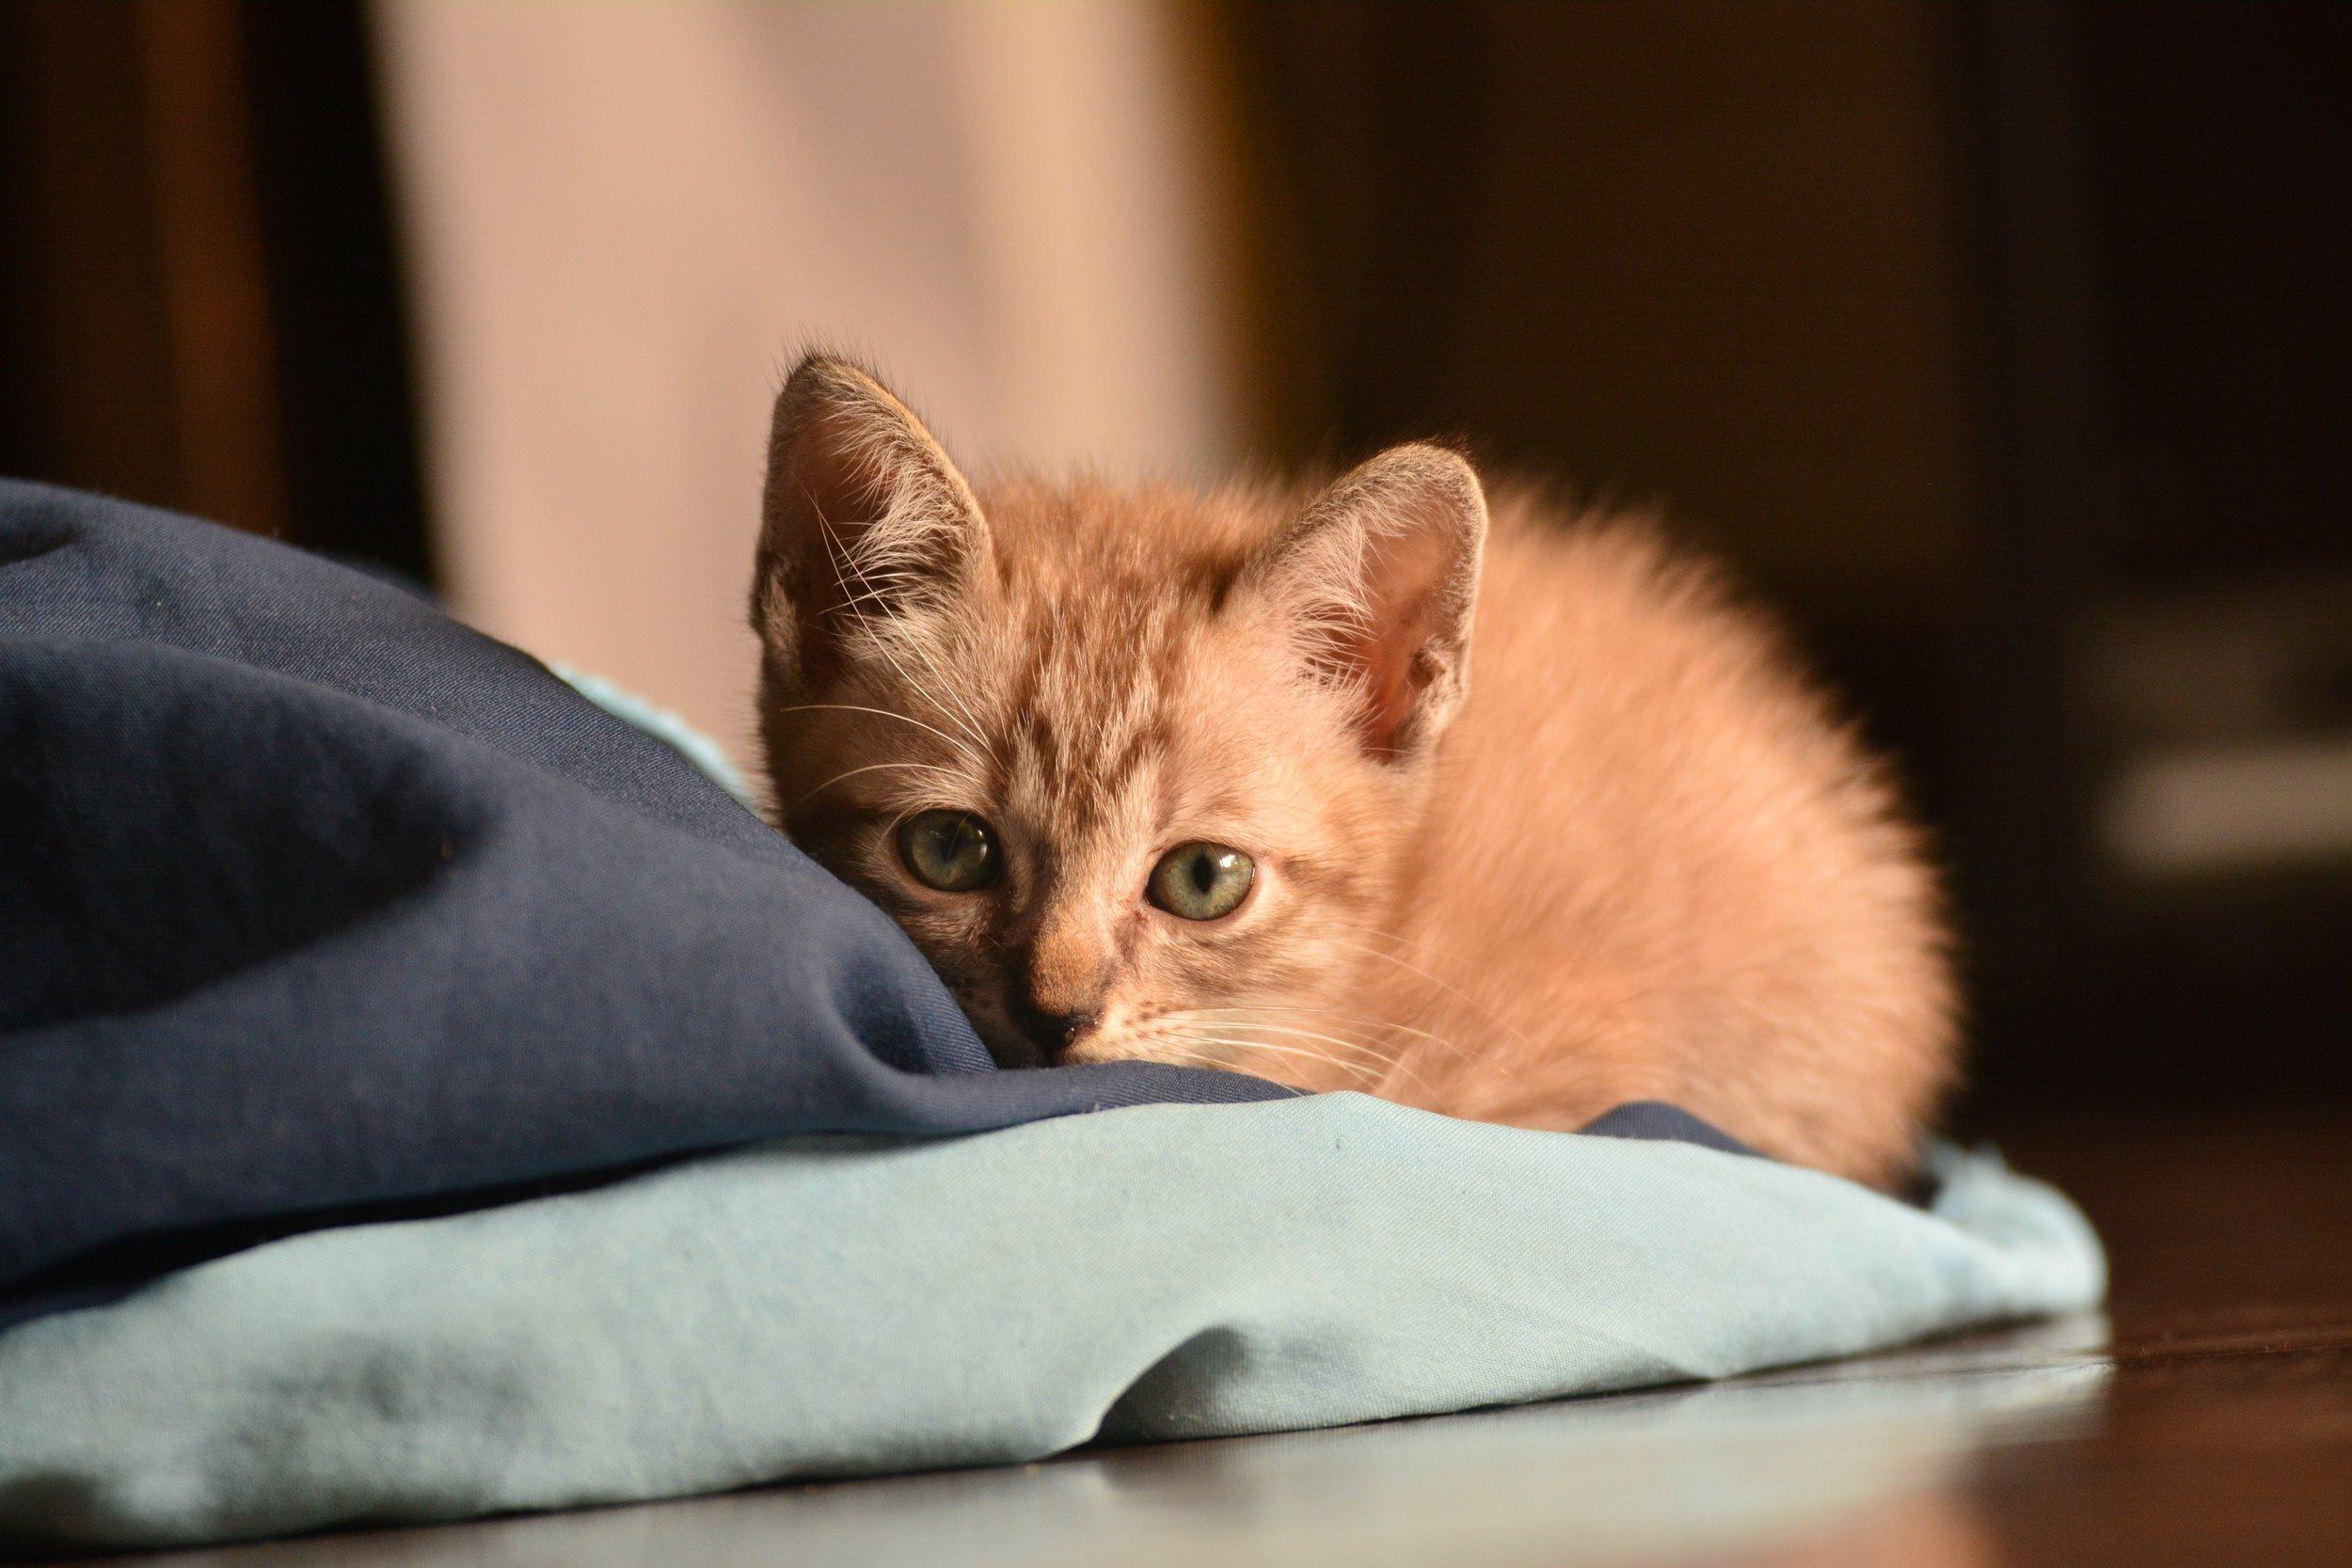 adorable-animal-animal-photography-1629061.jpg